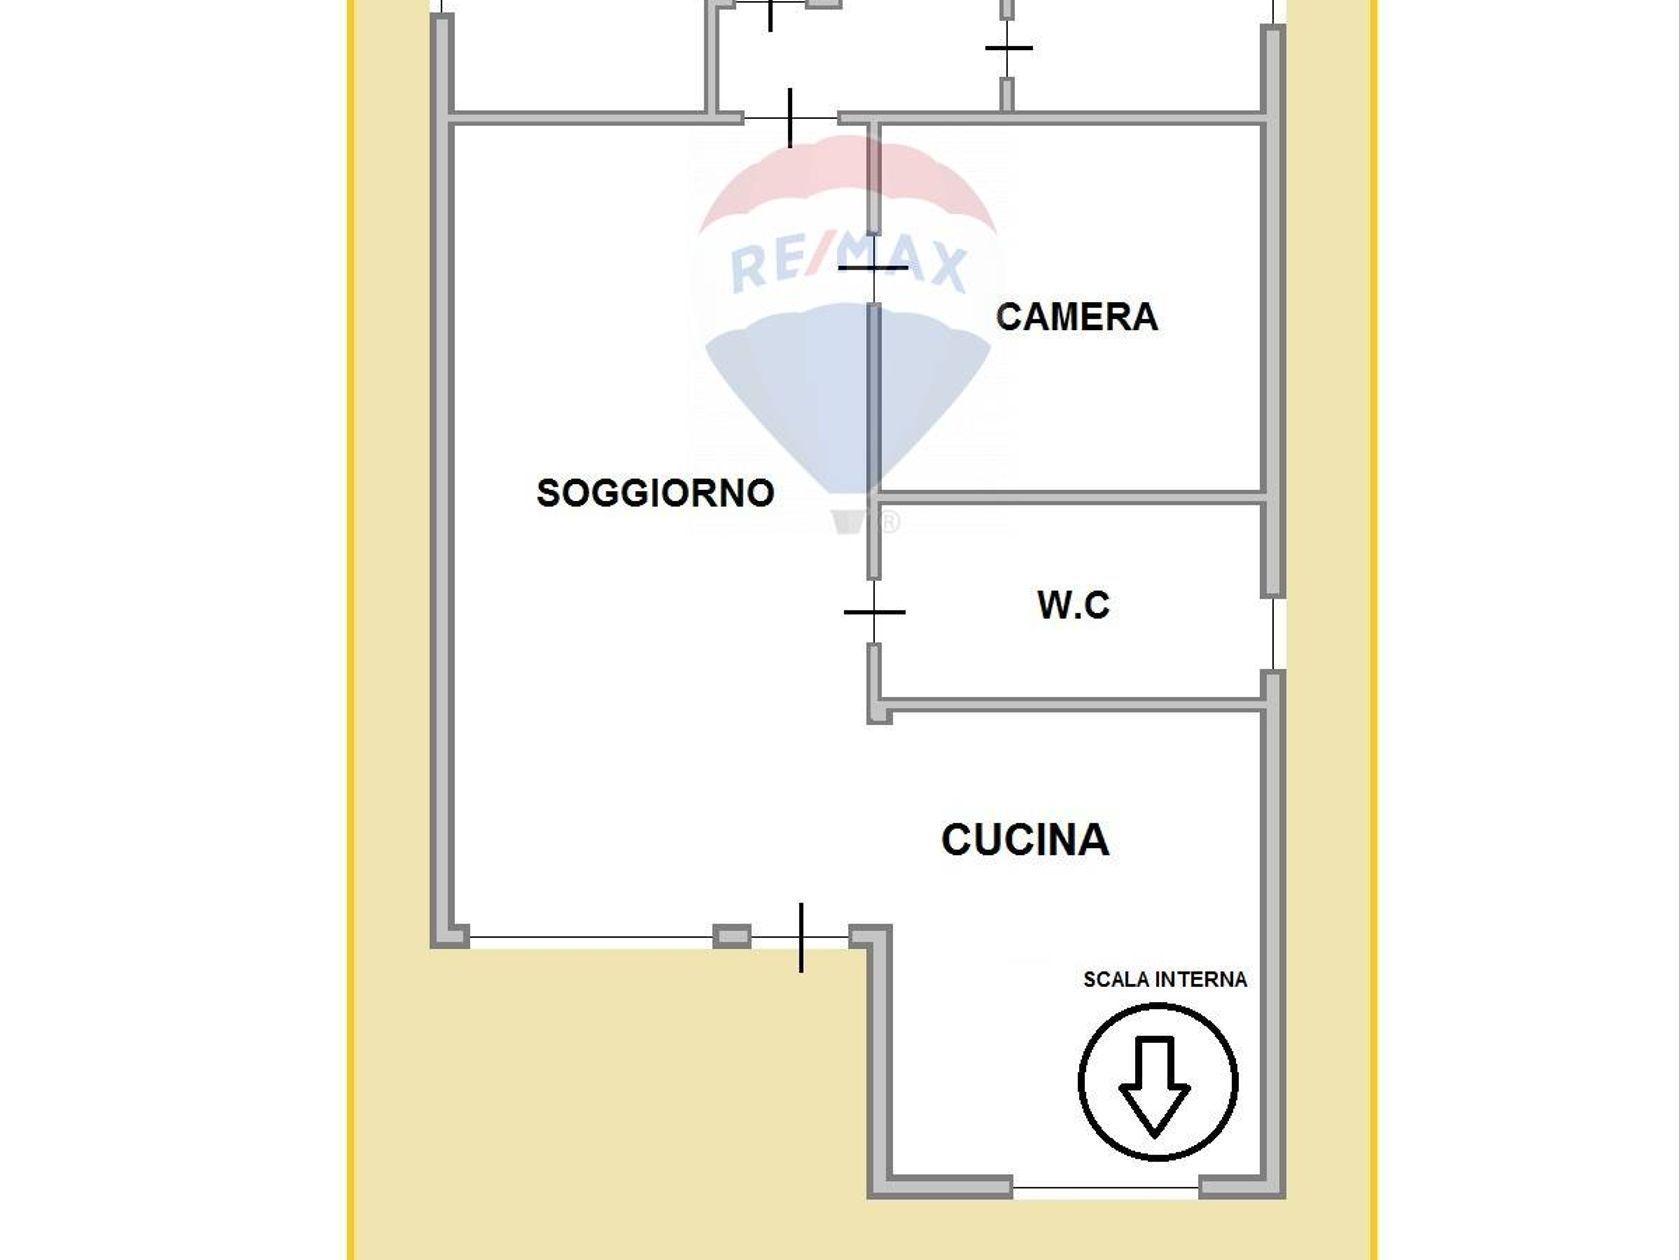 Villetta bifamiliare Trecastagni, CT Vendita - Planimetria 3